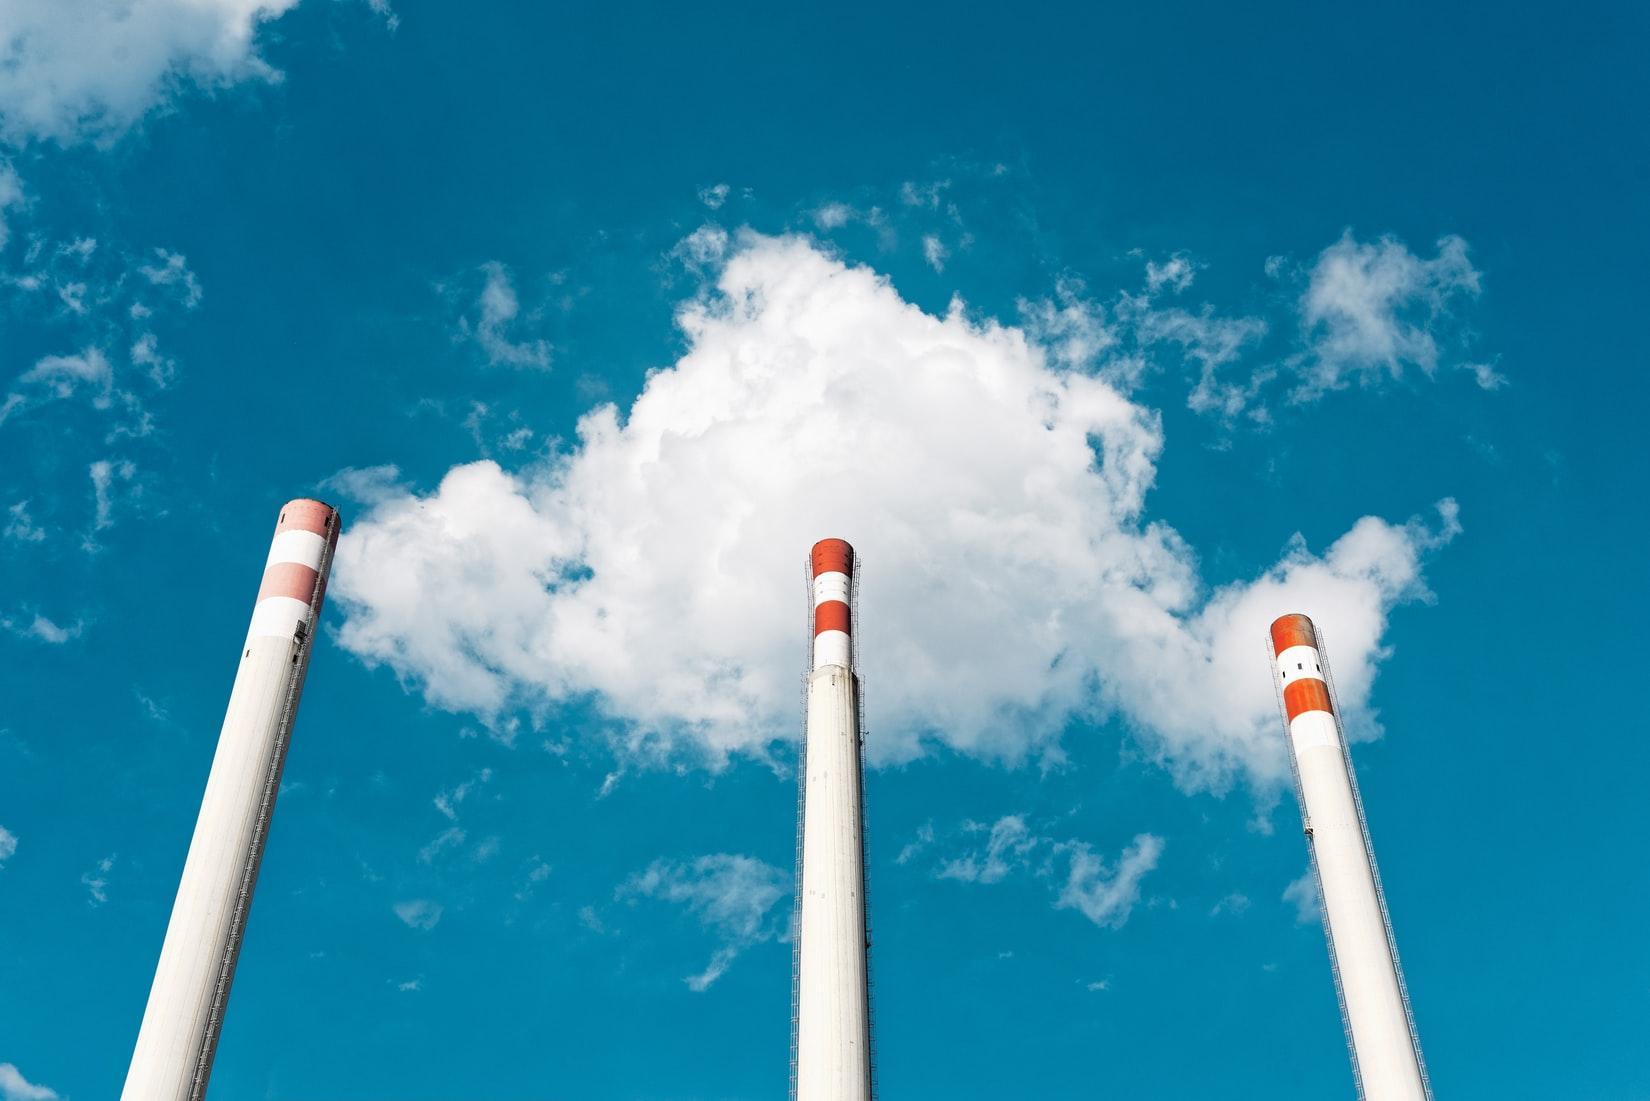 towers smoke sky